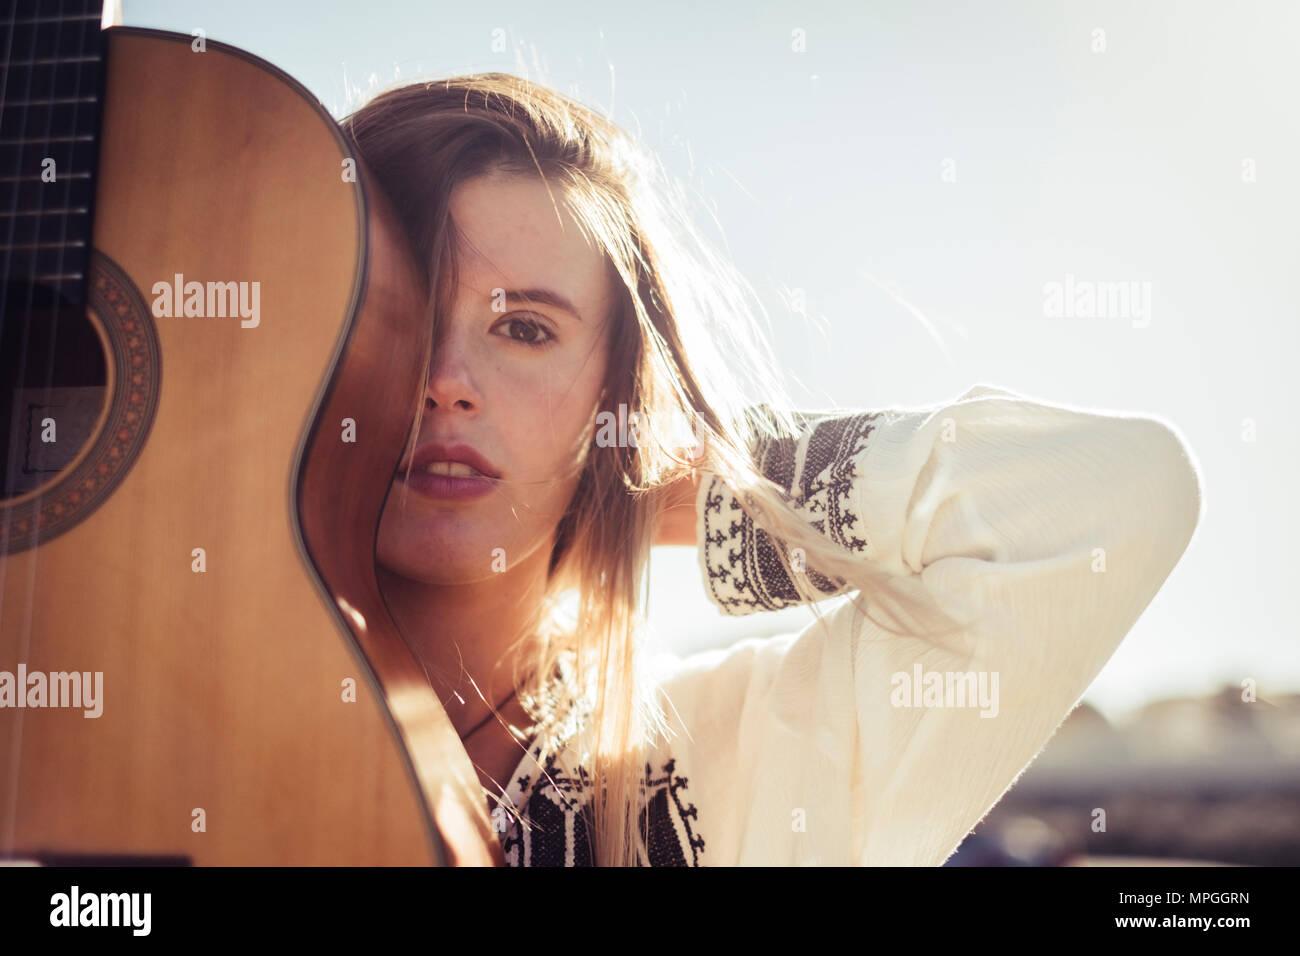 Ribelle e outdoor travel wanderlust, concpet con la bella bionda ragazza caucasica con una chitarra acustica per godere del luogo e della corsa Immagini Stock